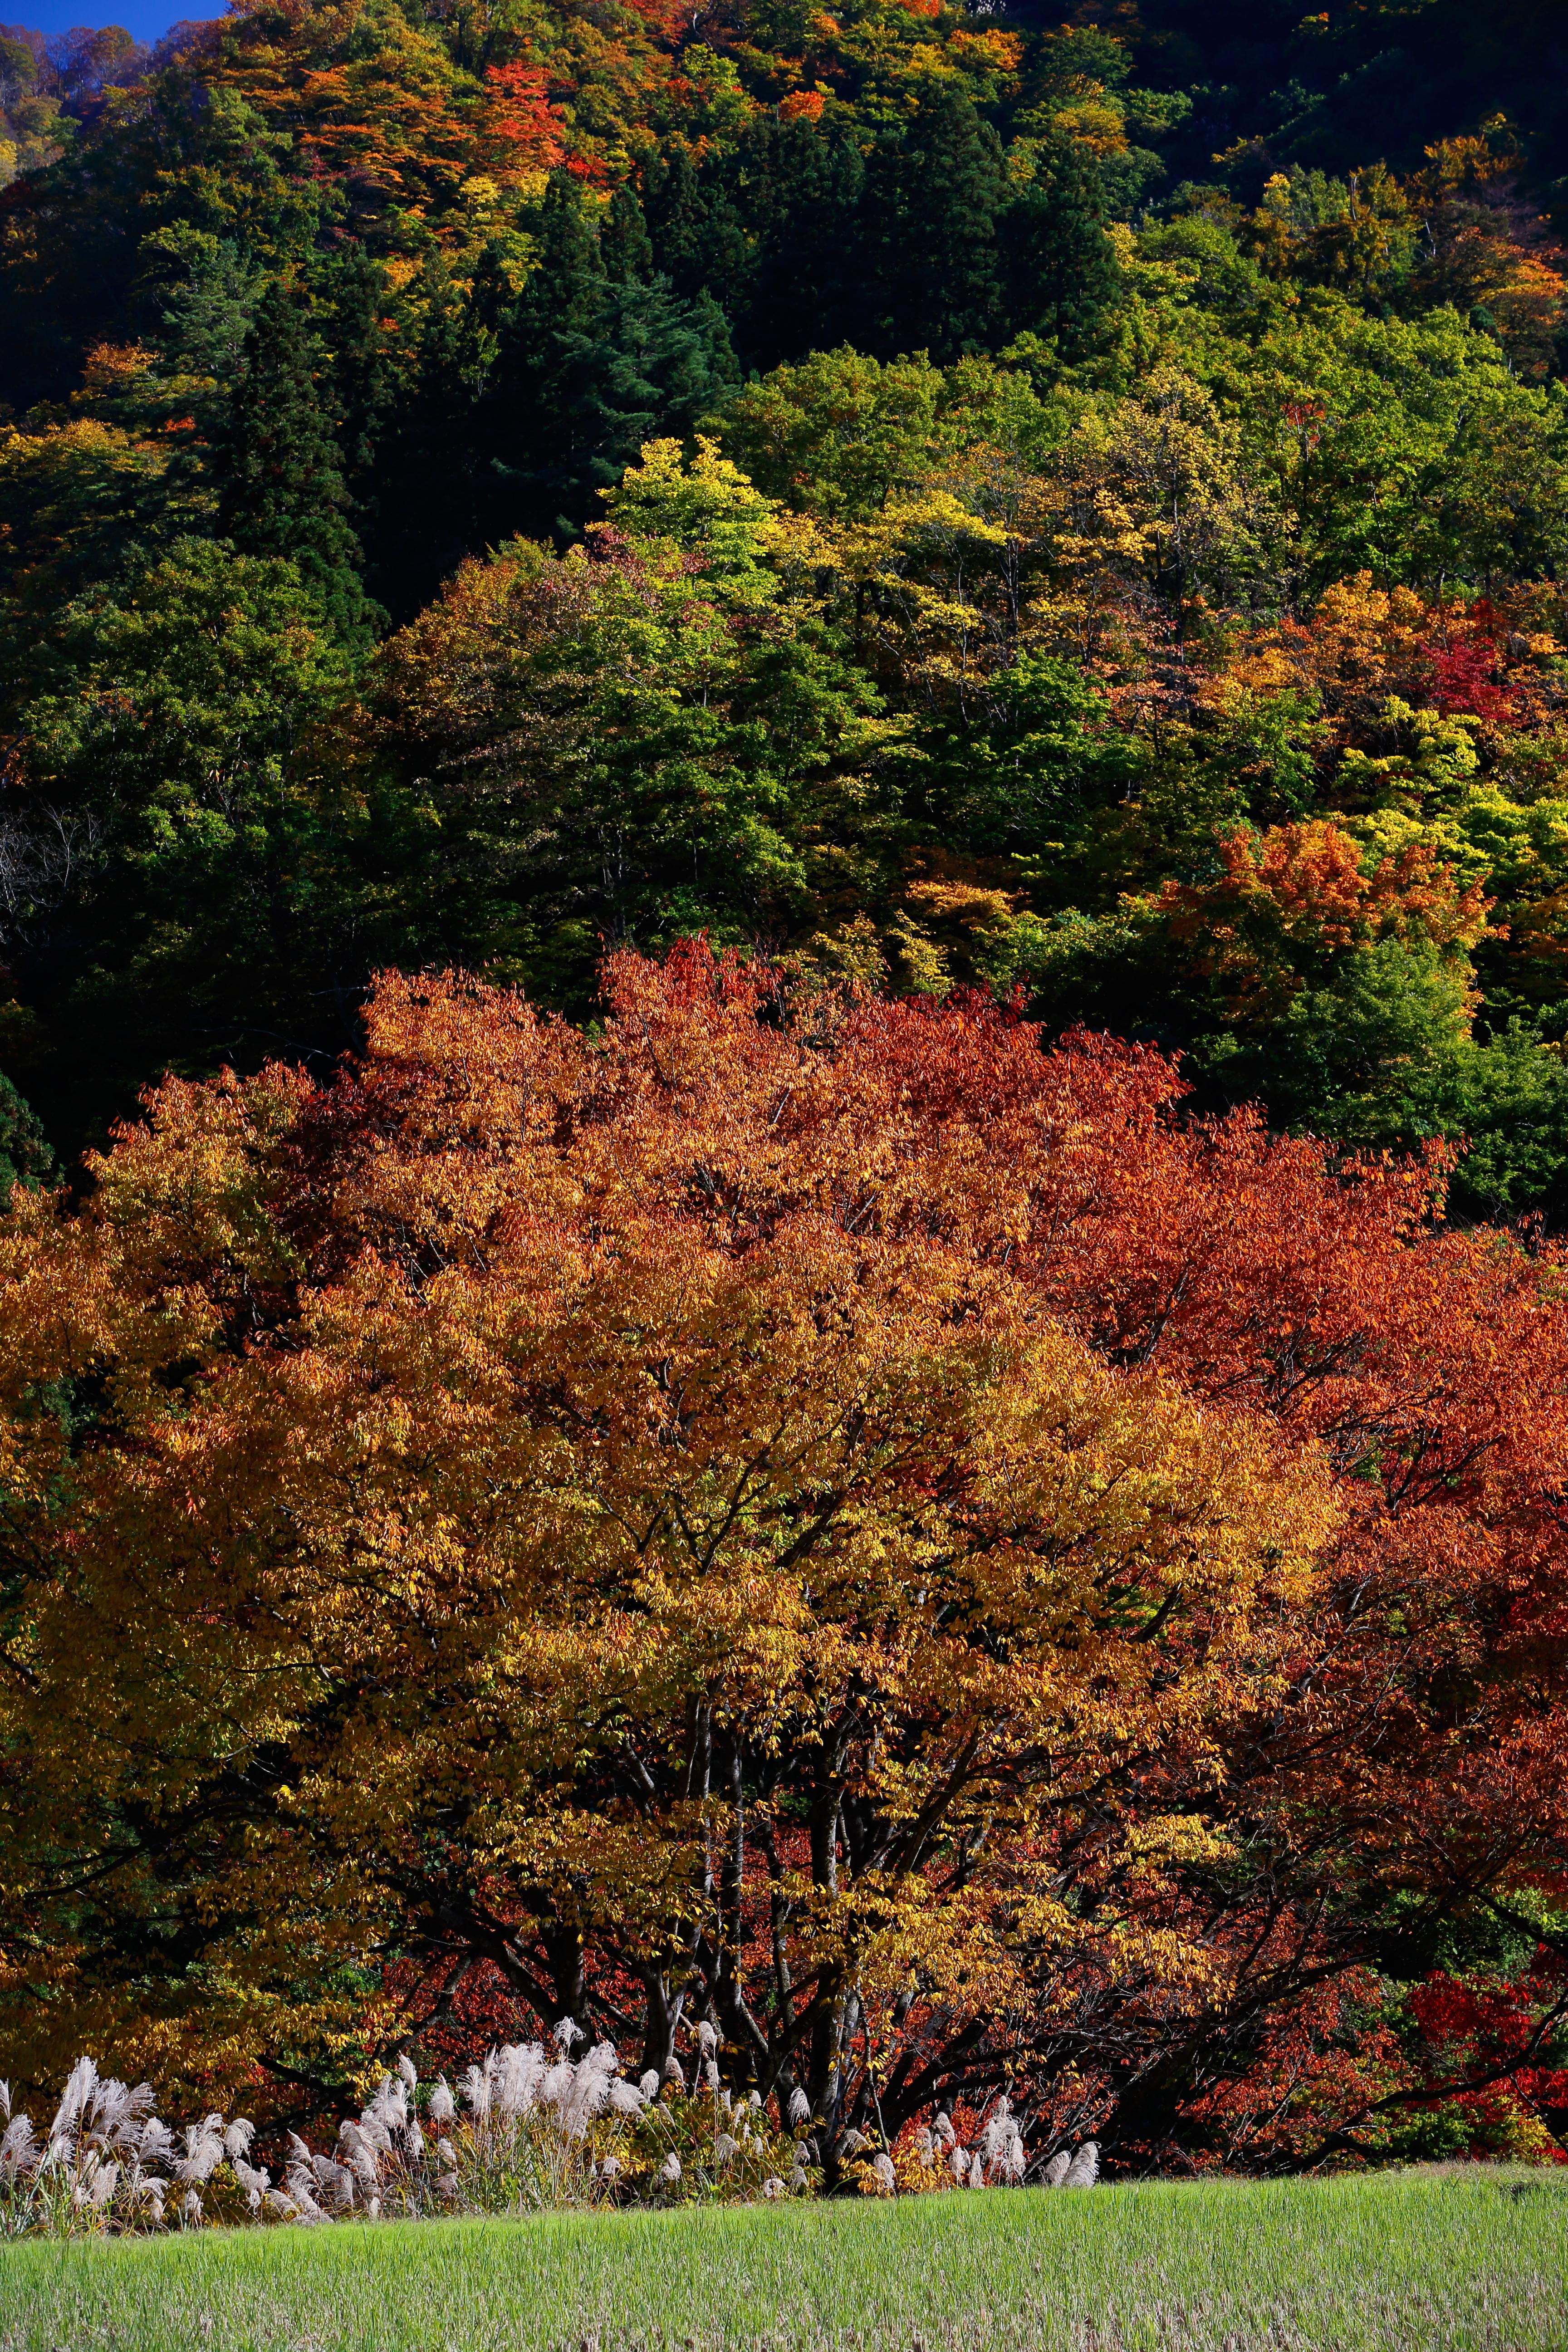 http://www.art-photo.jp/blog/archives/images/2014.10.31/1DX03263.jpg